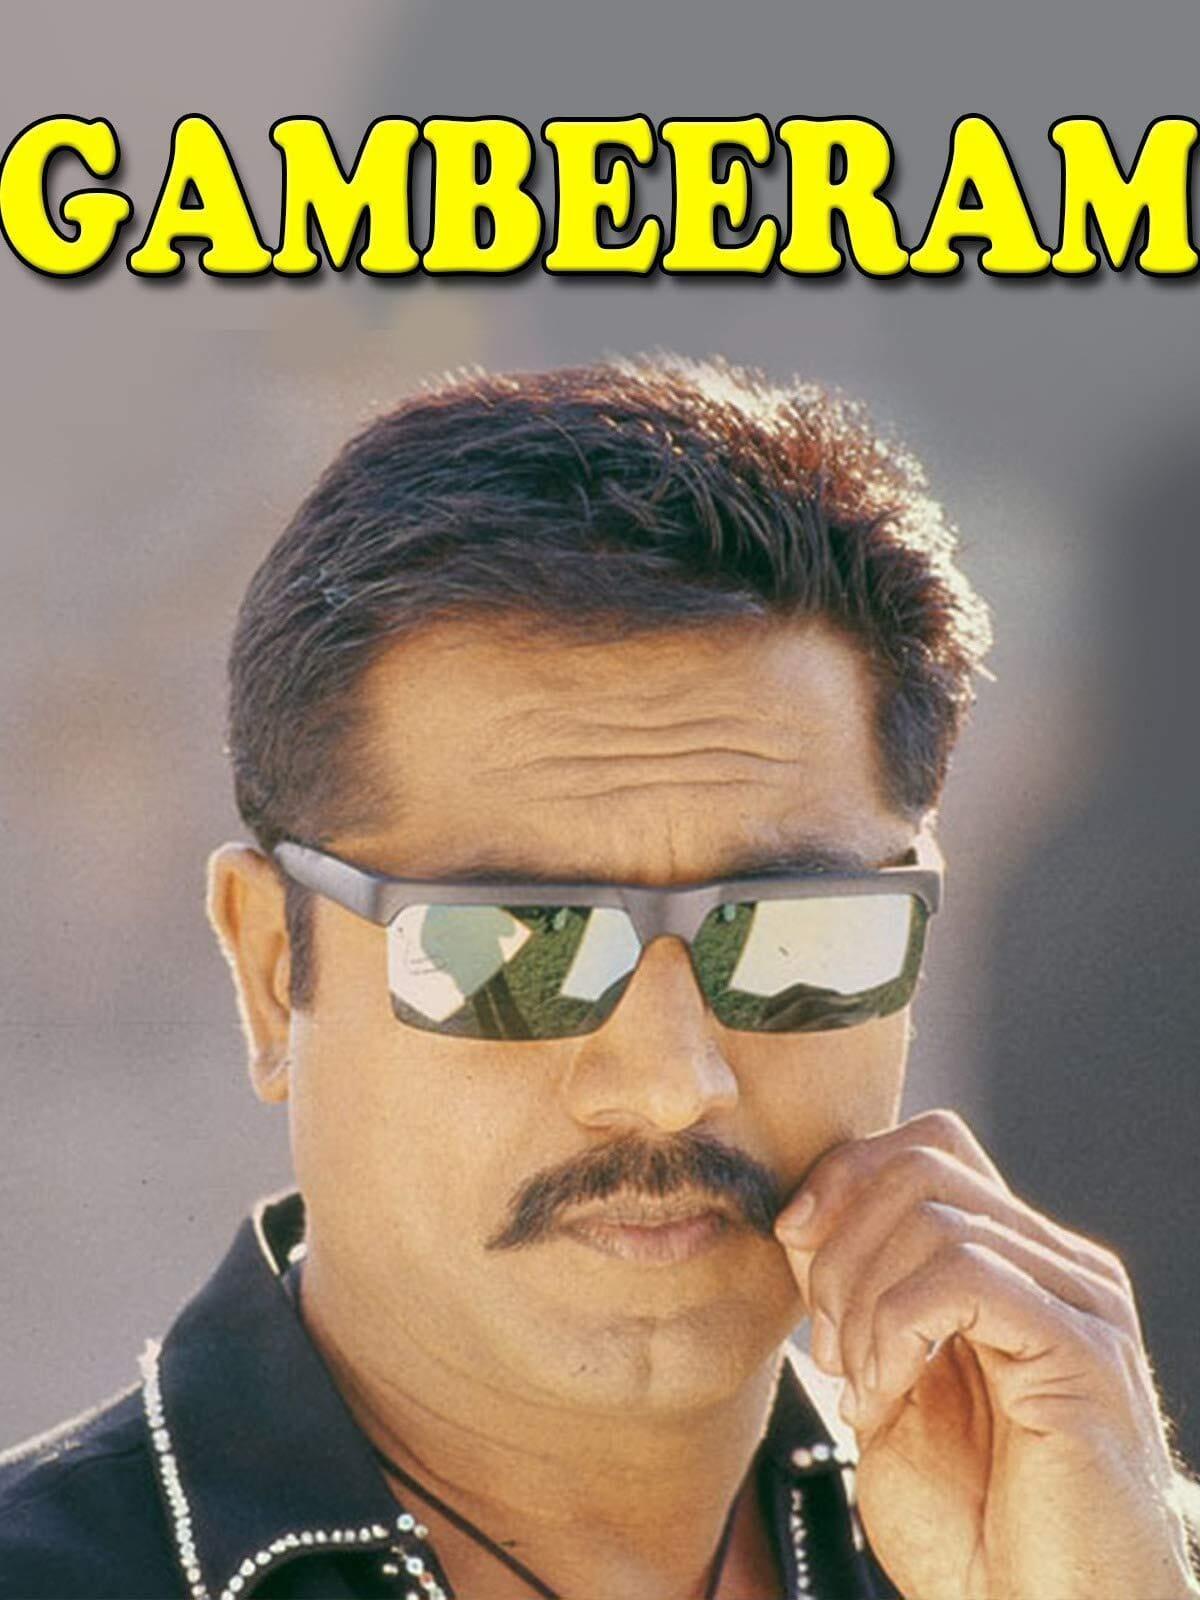 Gambeeram